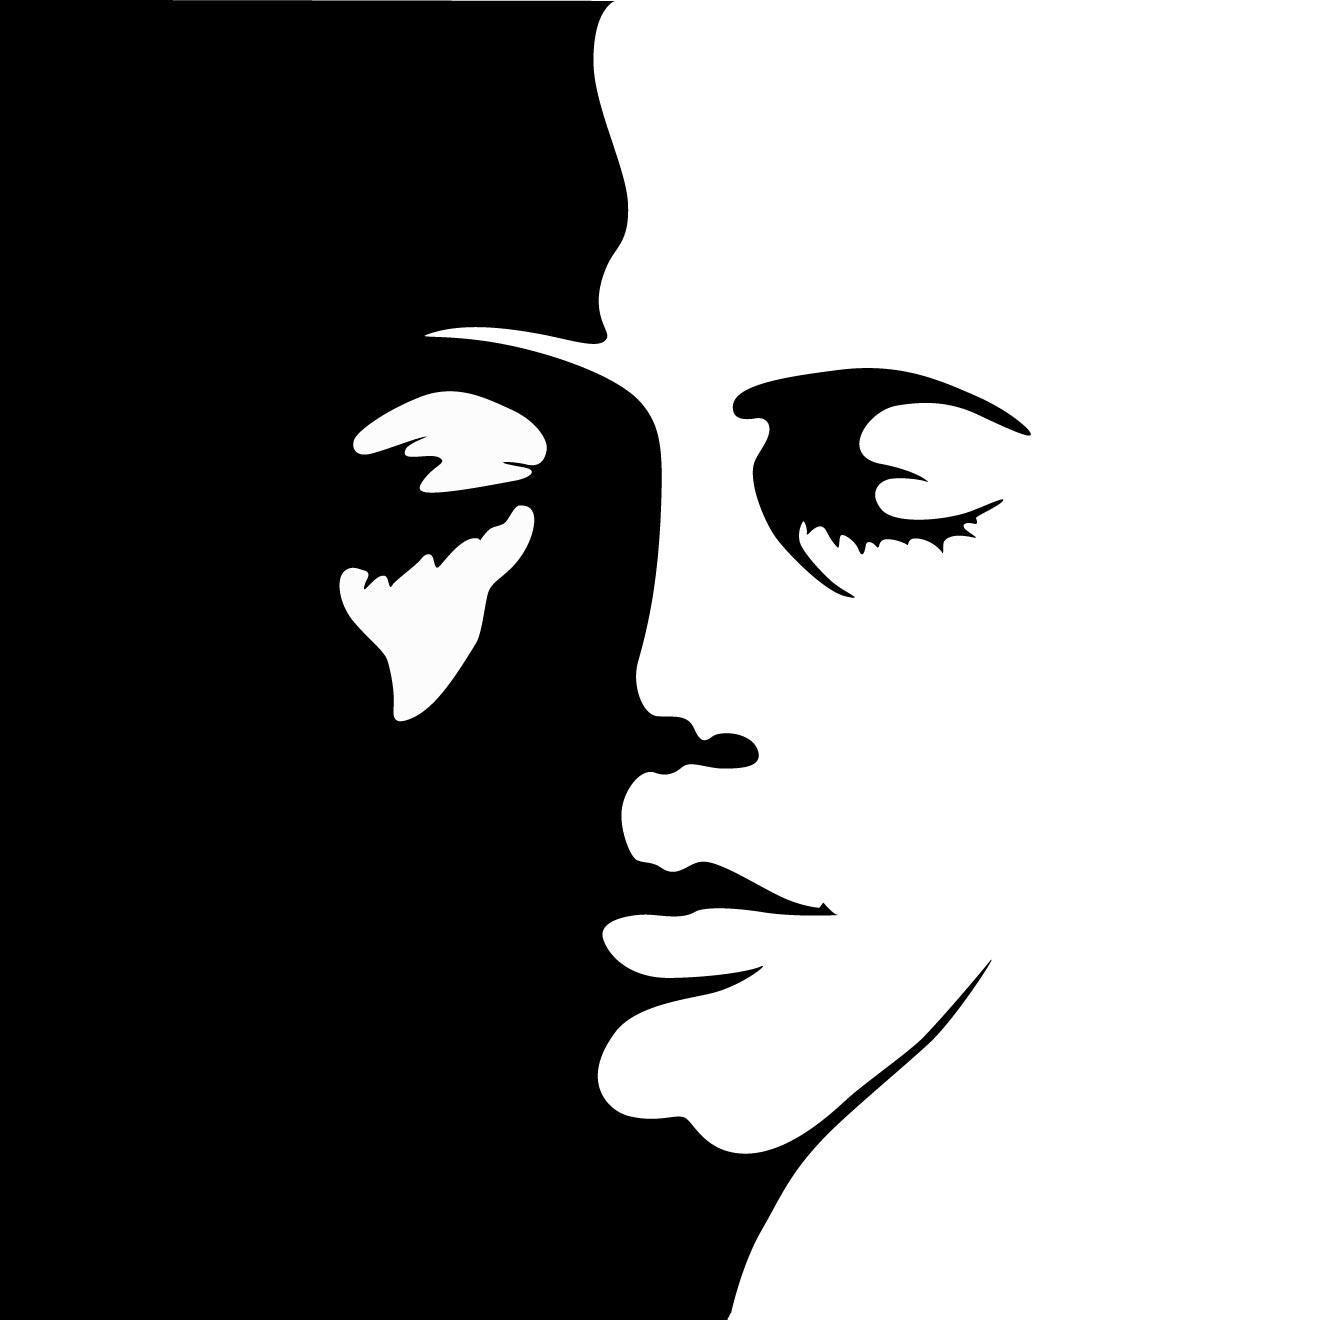 http://3.bp.blogspot.com/-IsHIguu2Vhc/Ti1wxYTyDyI/AAAAAAAACHU/-yGQS_E9kpU/s1600/shadowShapes.jpg